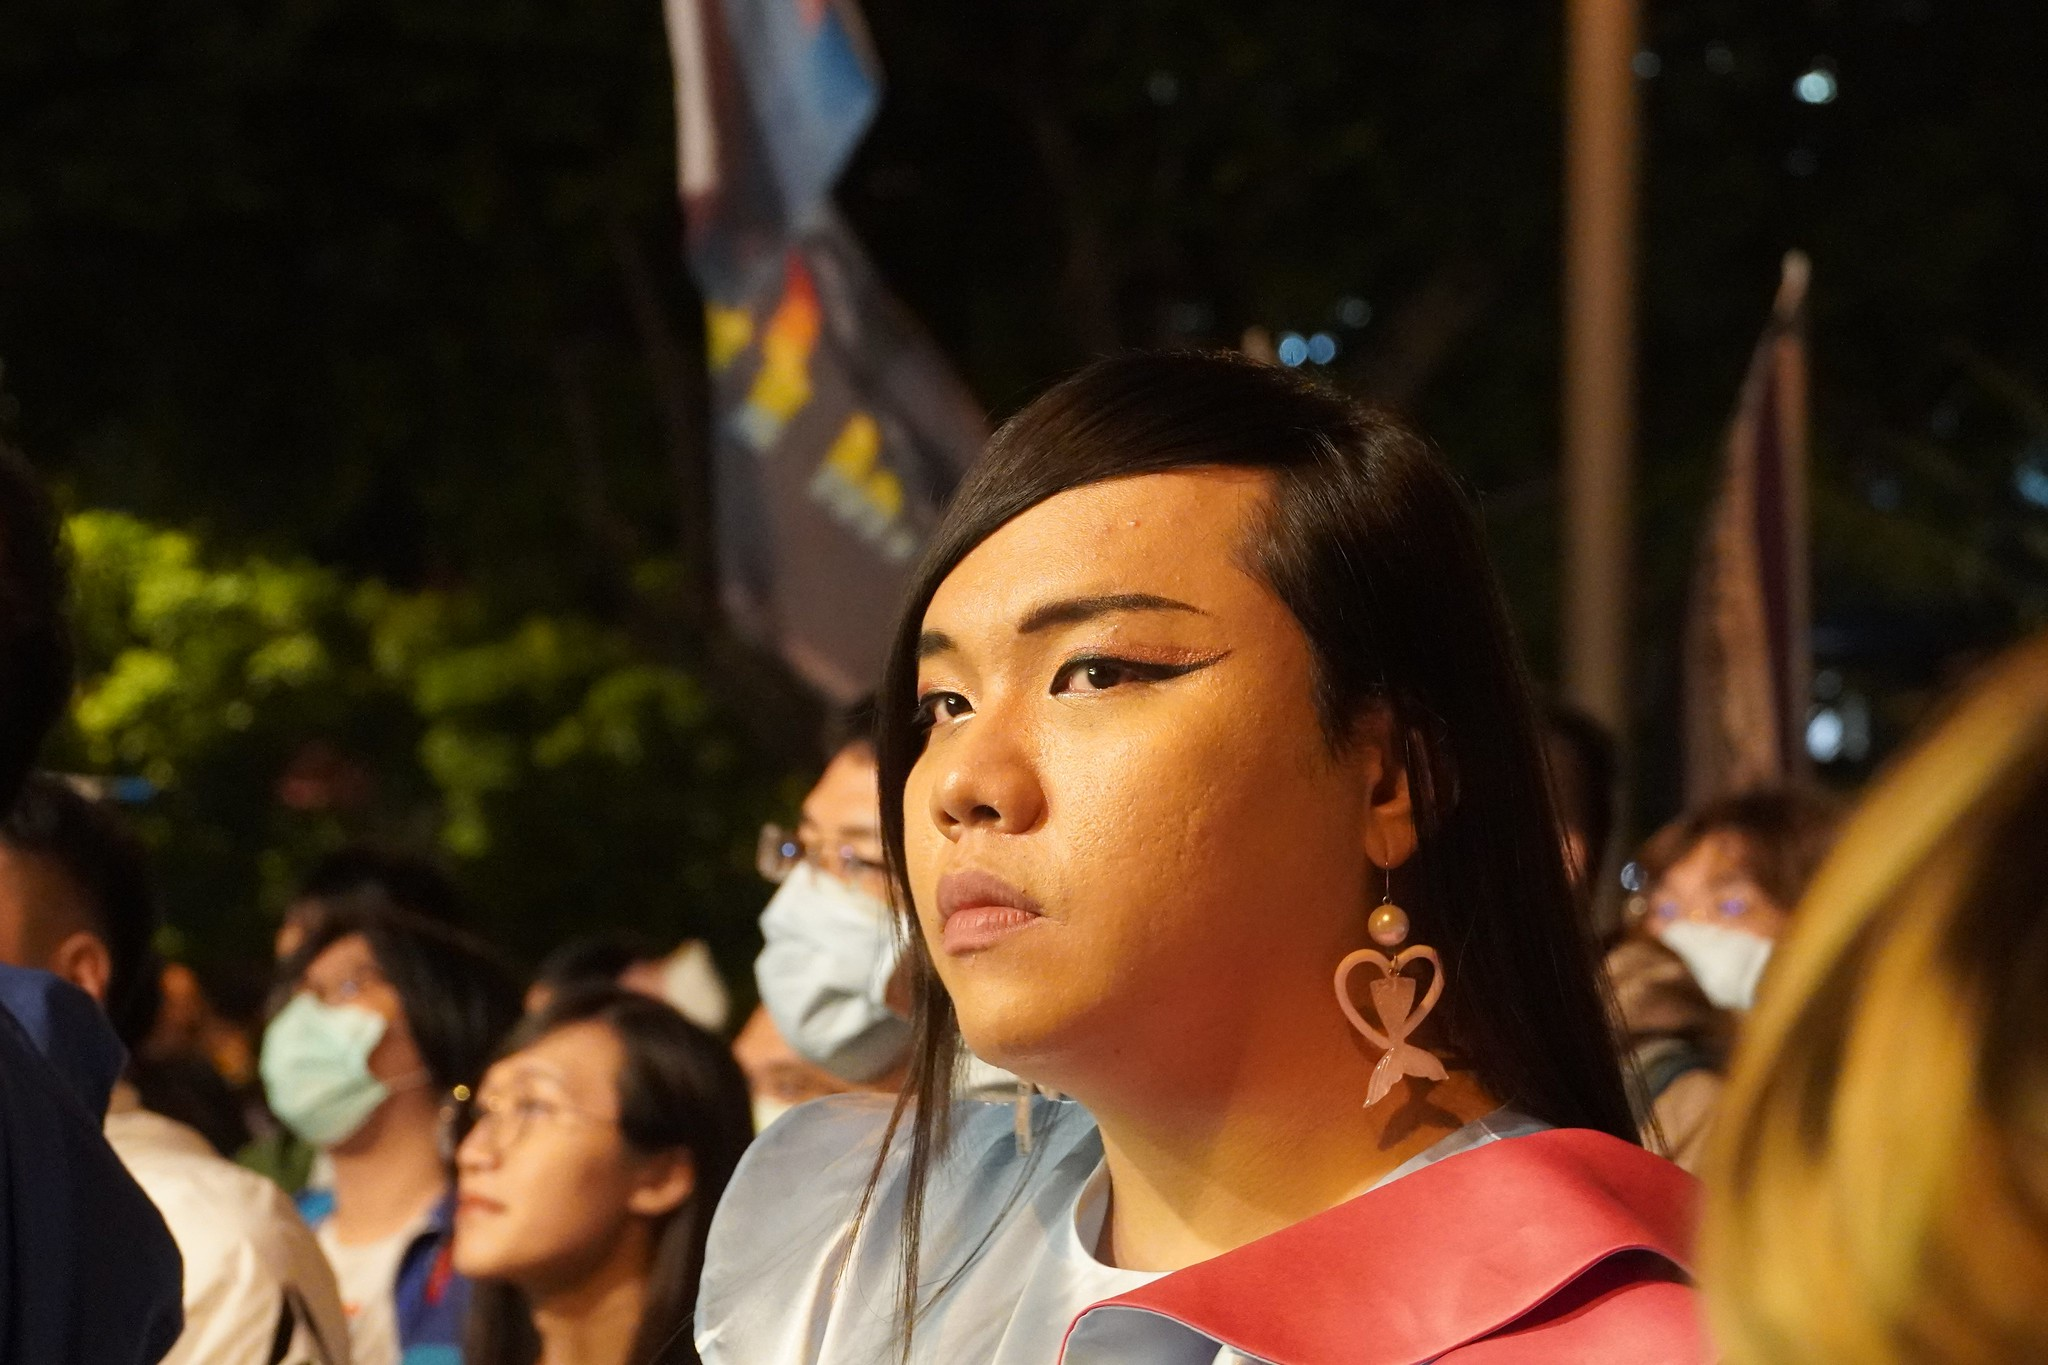 許多跨性別和LGBT同志都扮裝參與遊行。(攝影:張智琦)